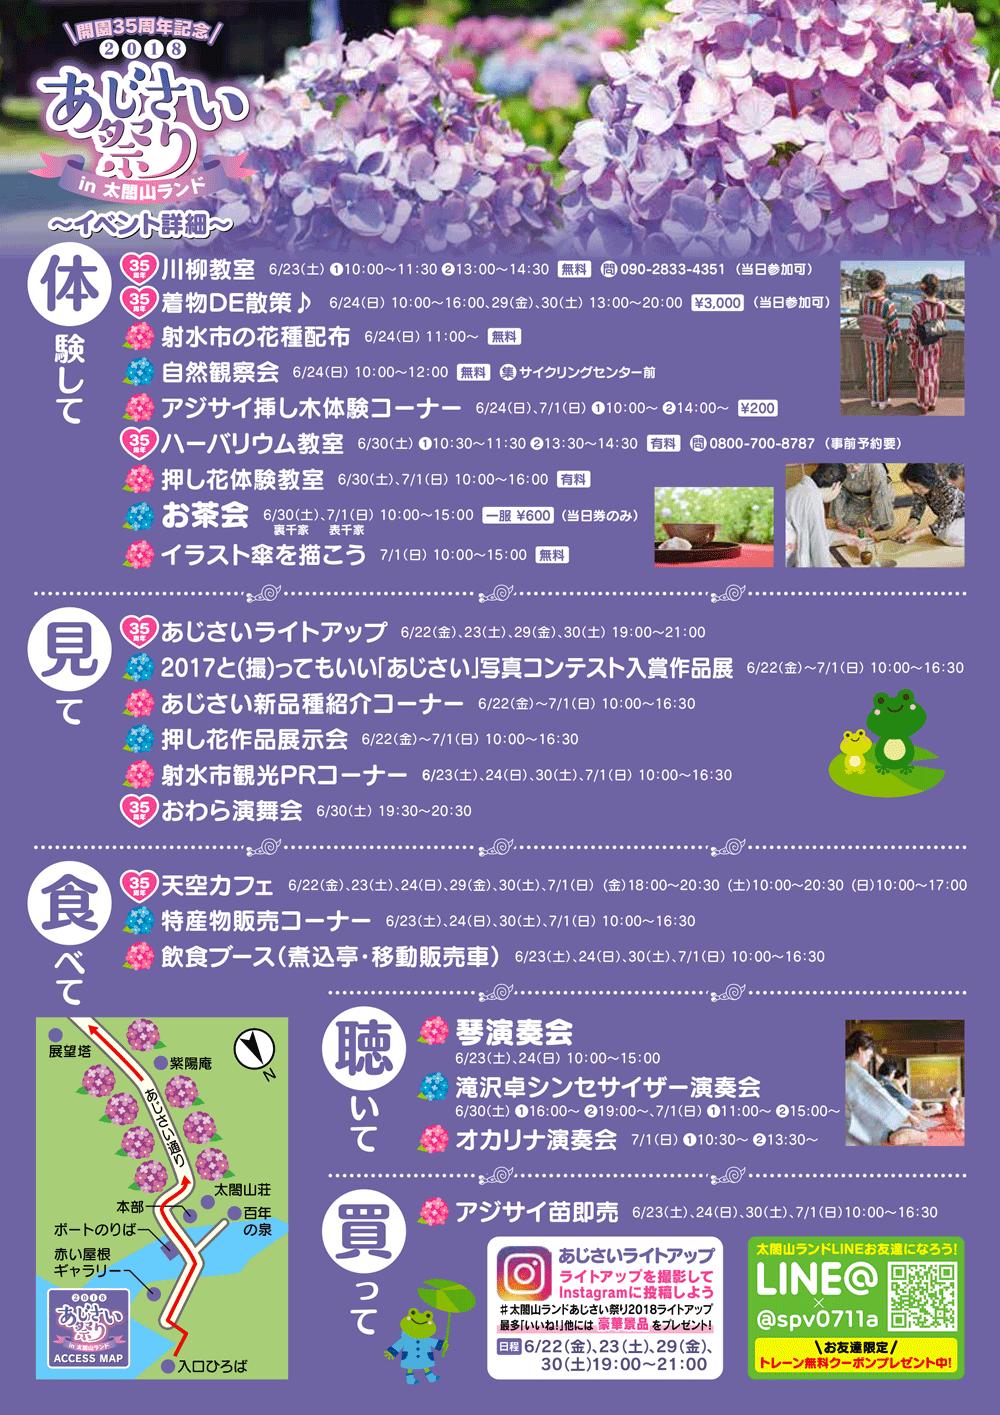 「あじさい祭りin太閤山ランド2018」のイベント内容